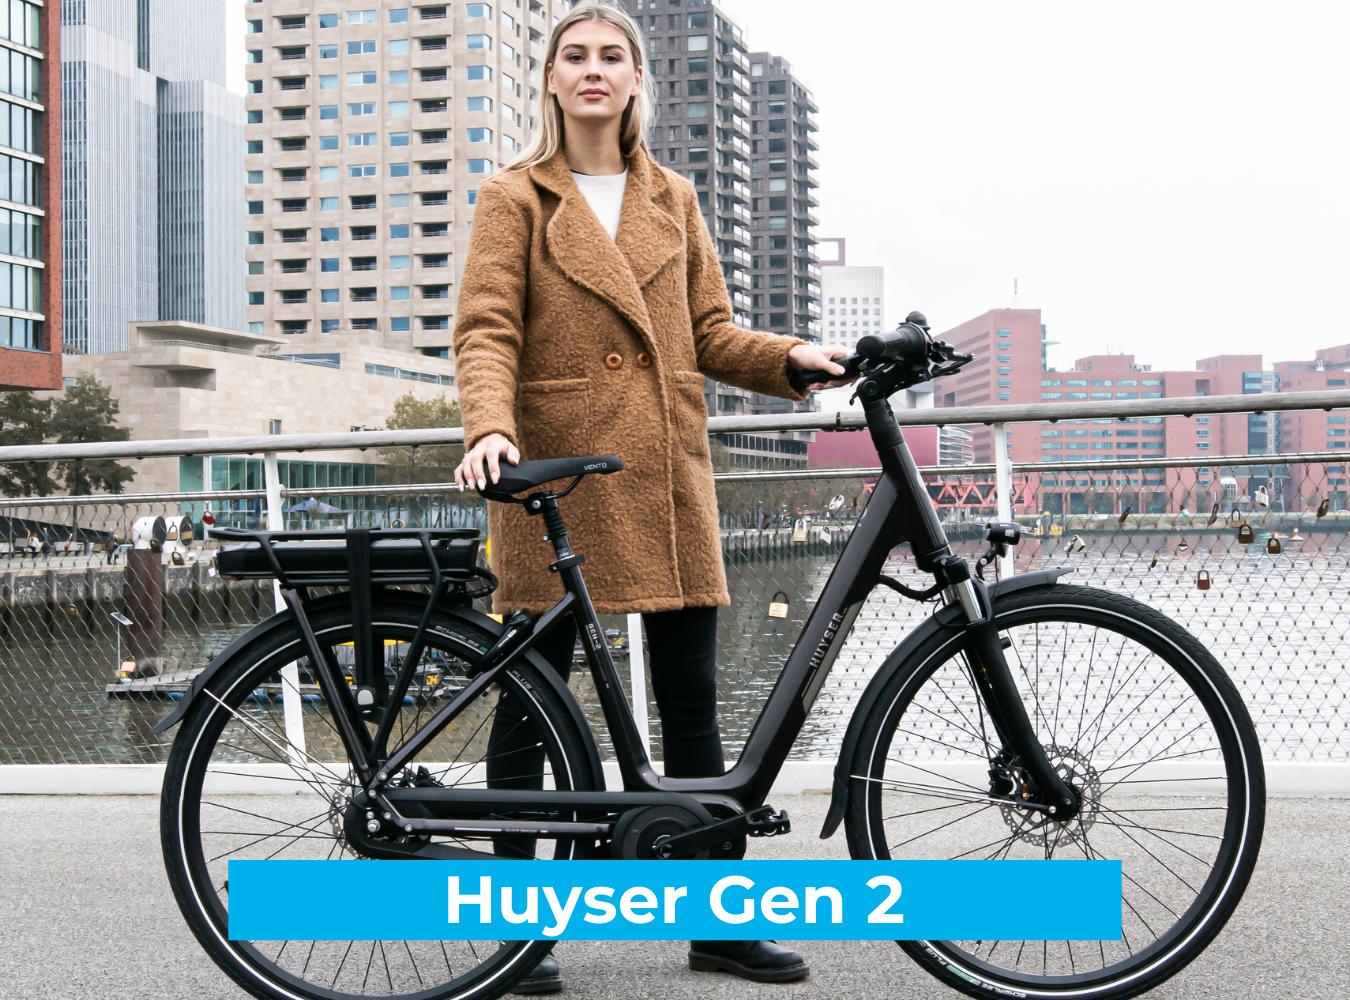 Koop de Huyser Gen 2 online bij Fietsuniek.nl en profiteer van een gratis EPIC service-upgrade met complete fietsservice door fietsenmakers aan huis.